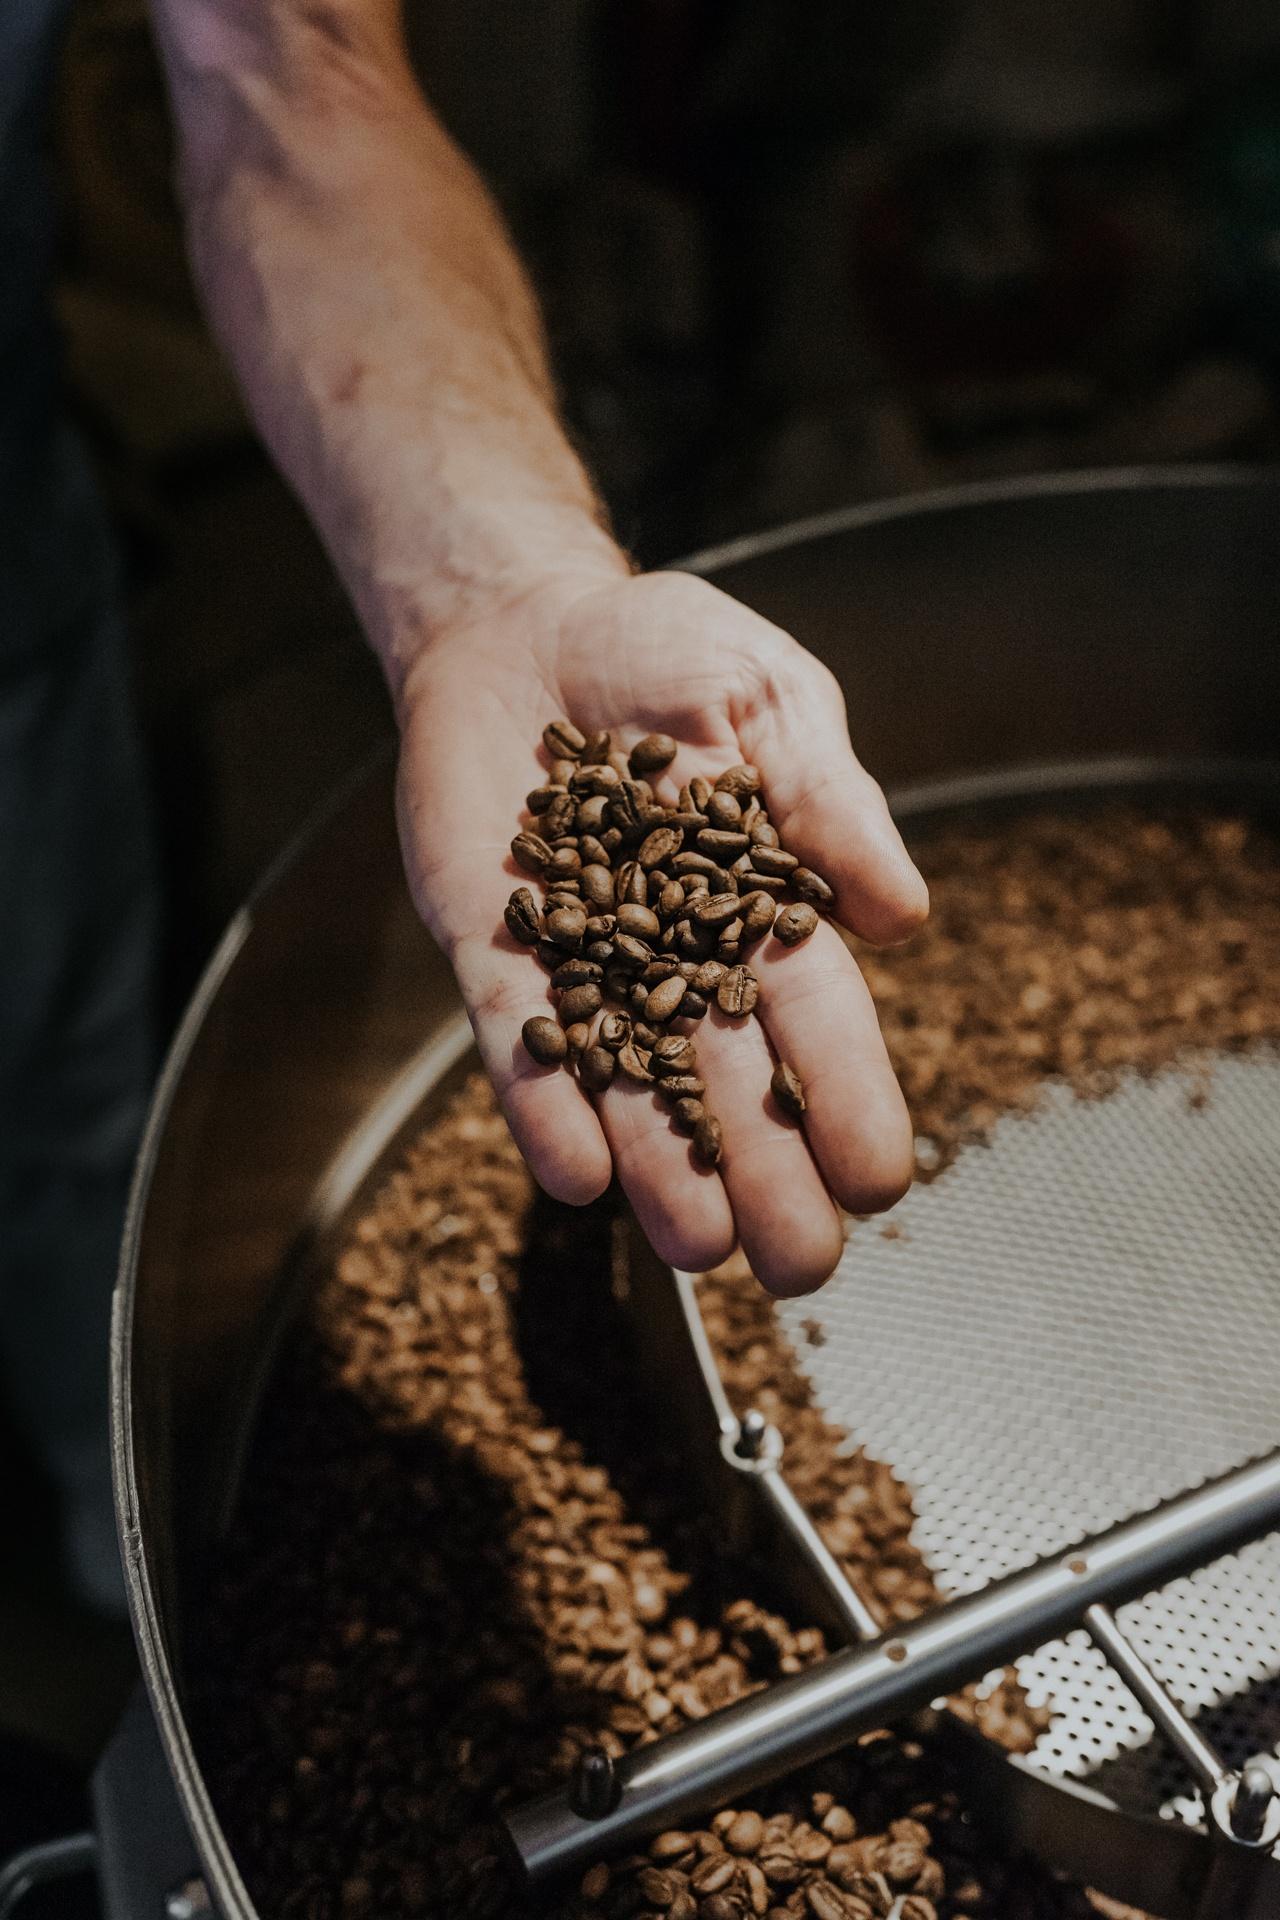 Ein handvoll frisch gerösteter Kaffee